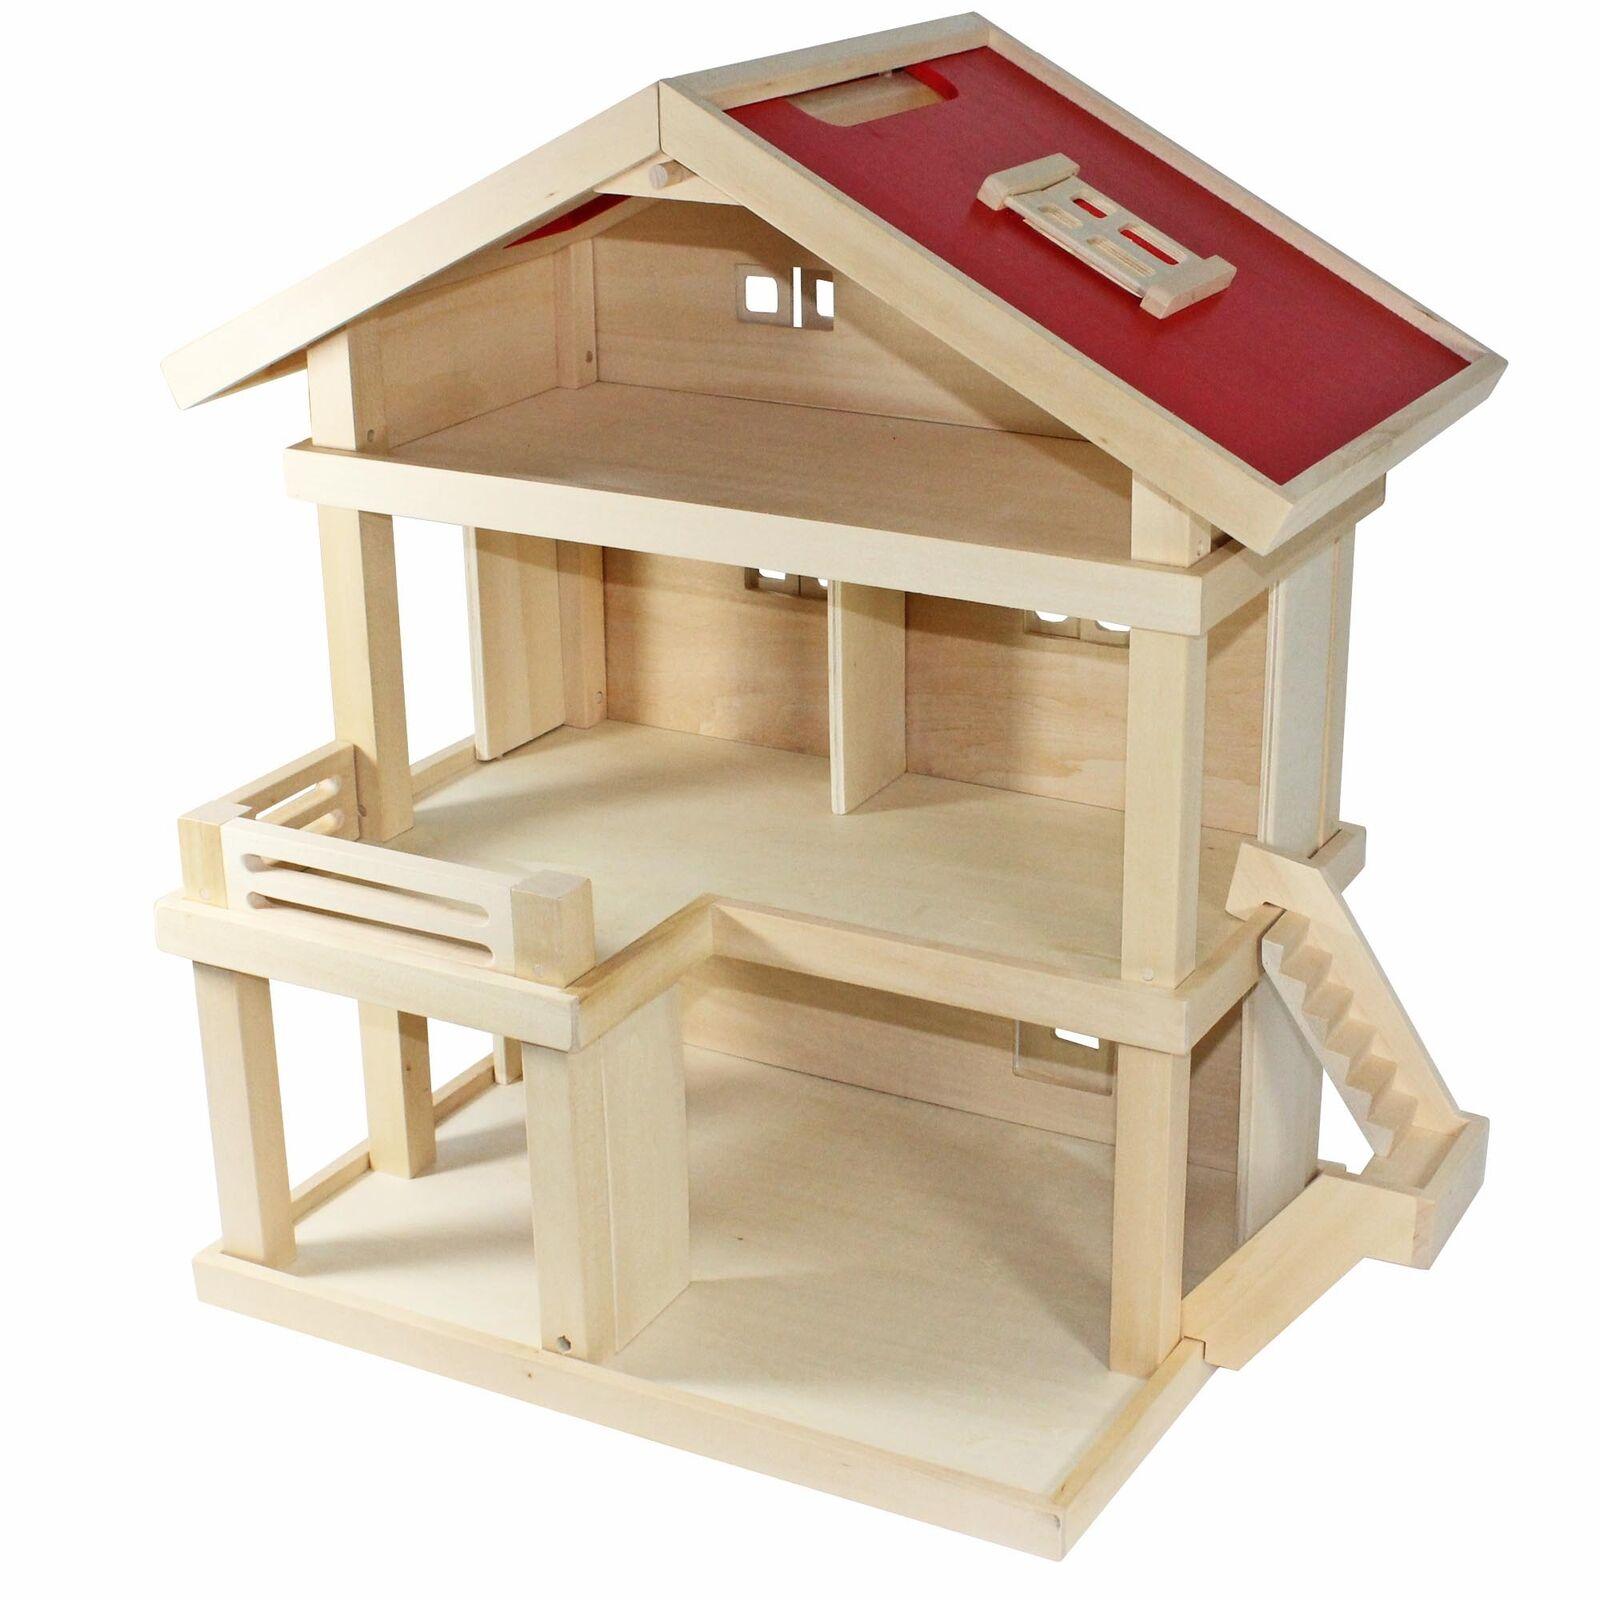 Villa Frota Puppenhaus Stadtvilla aus Holz mit 3 Etagen Tragegriff 46x35x58 cm